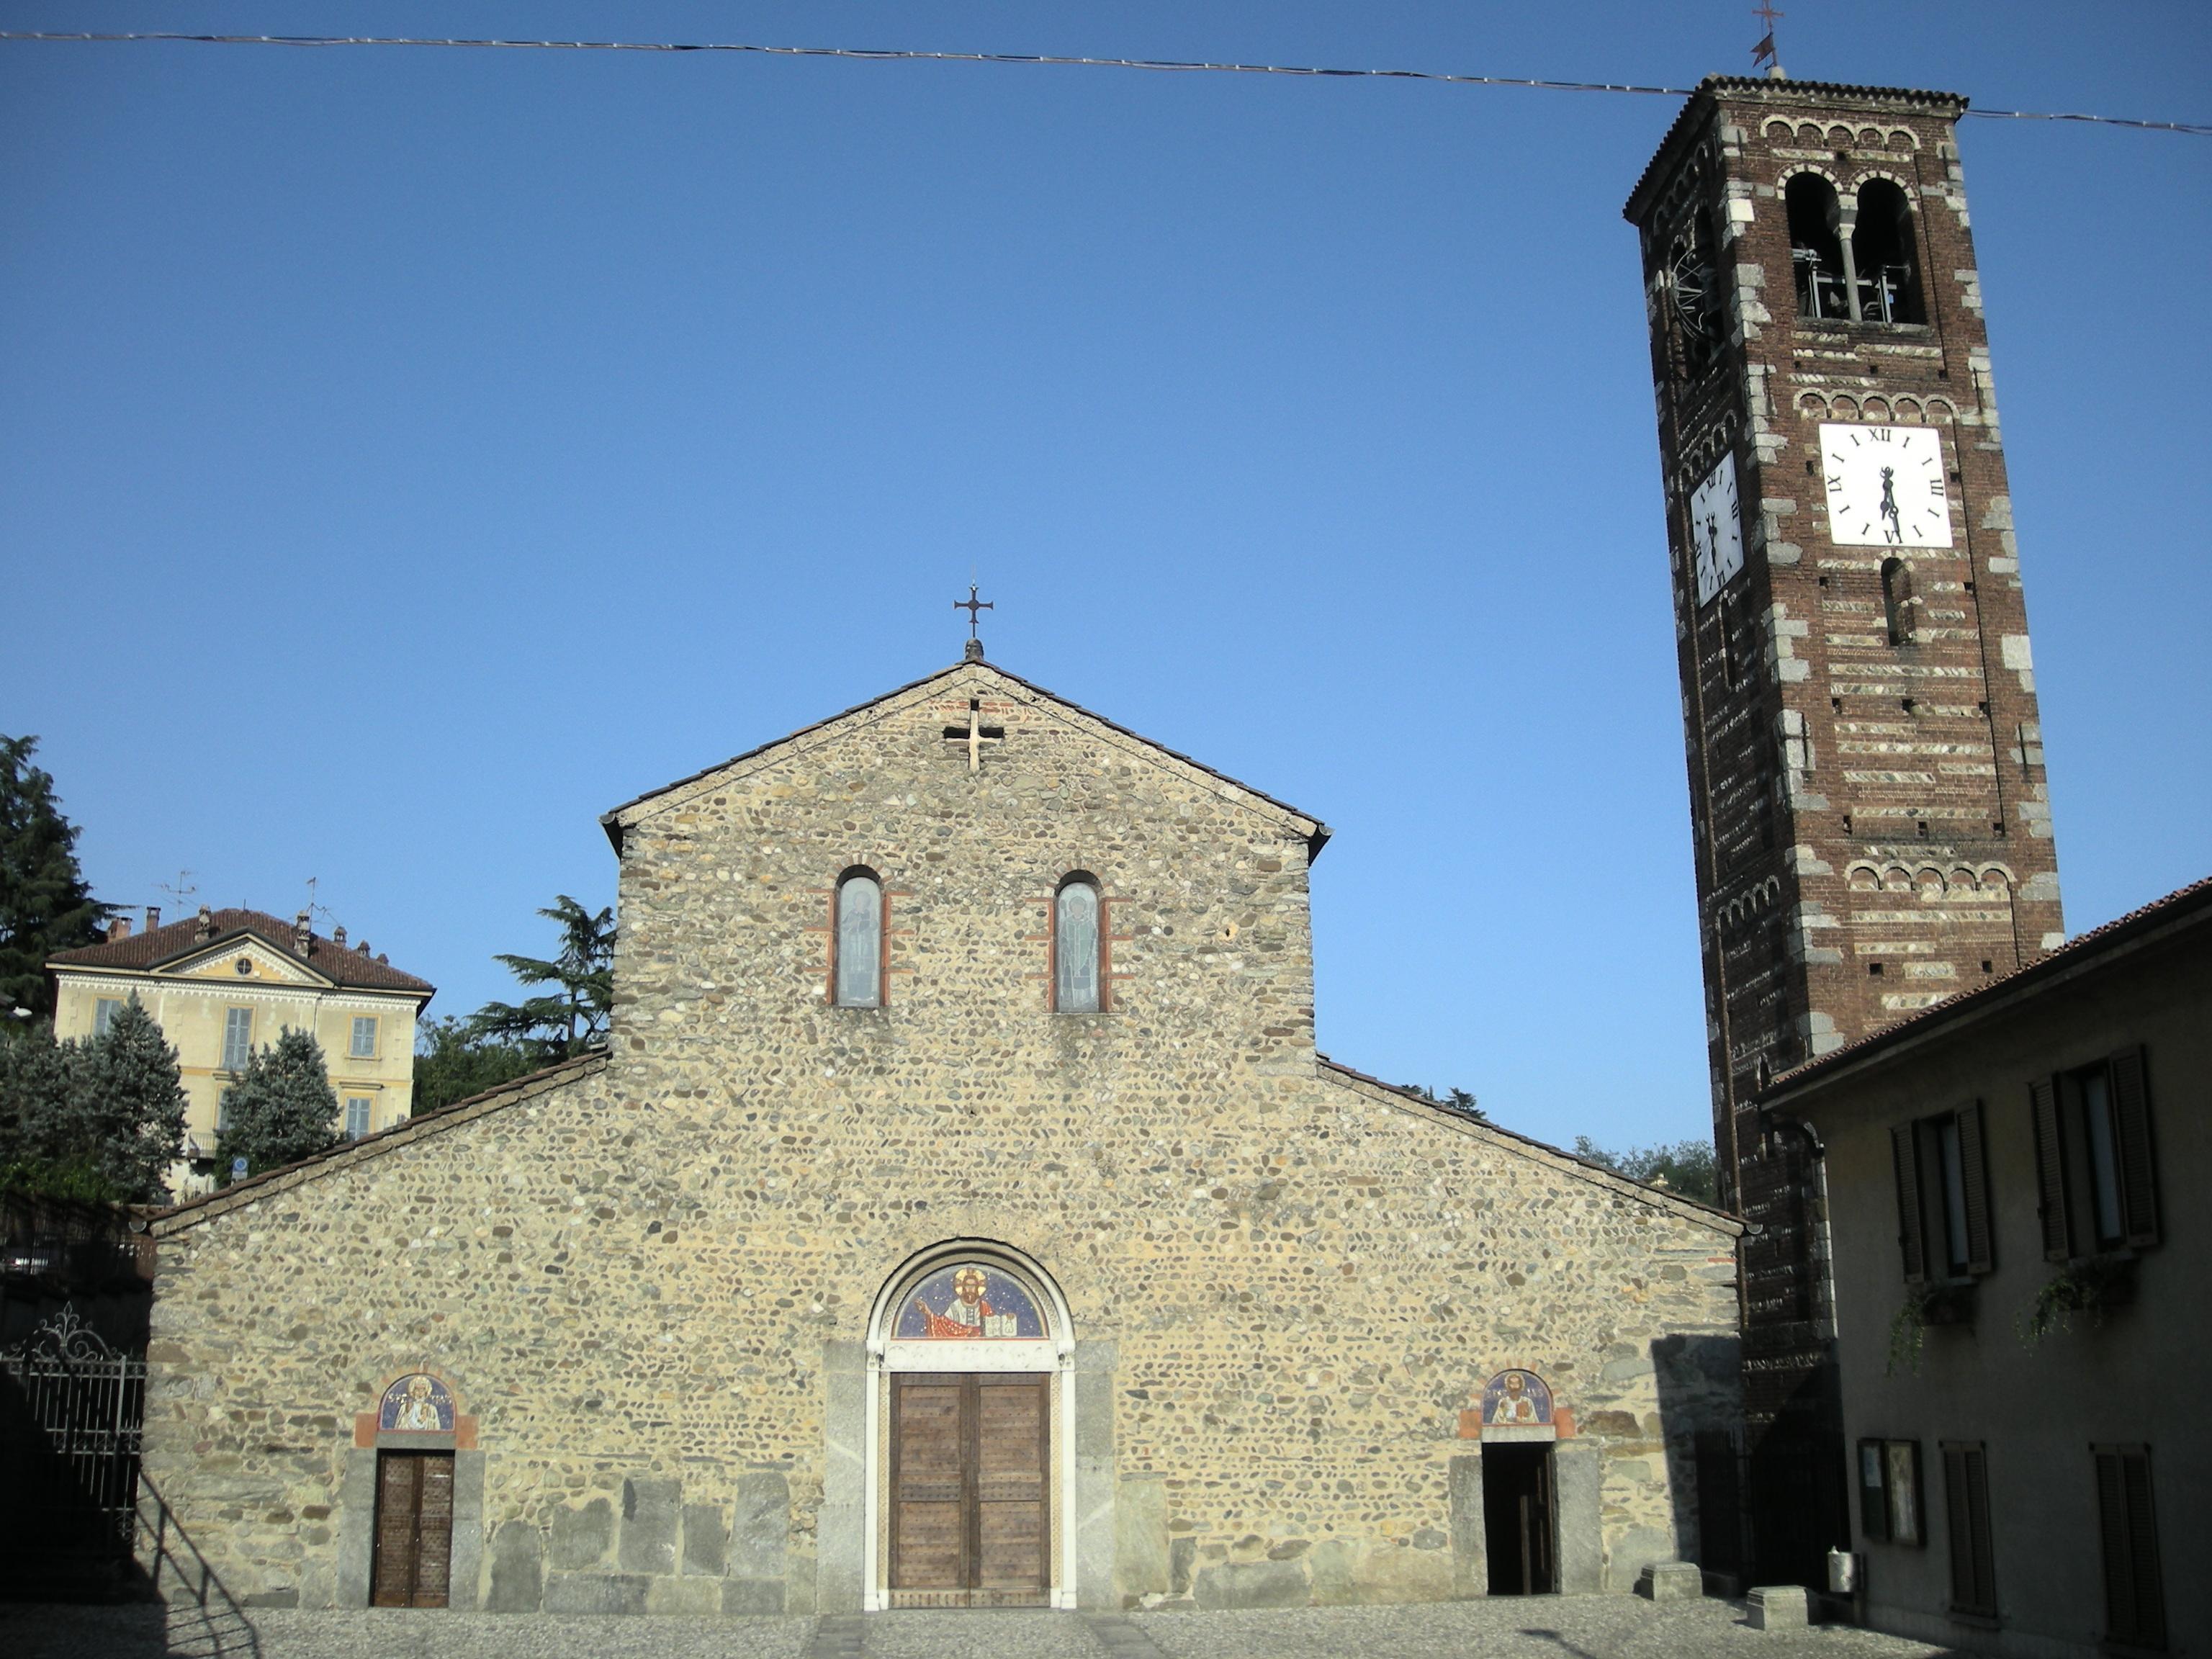 Basilica dei Santi Pietro e Paolo - Agliate